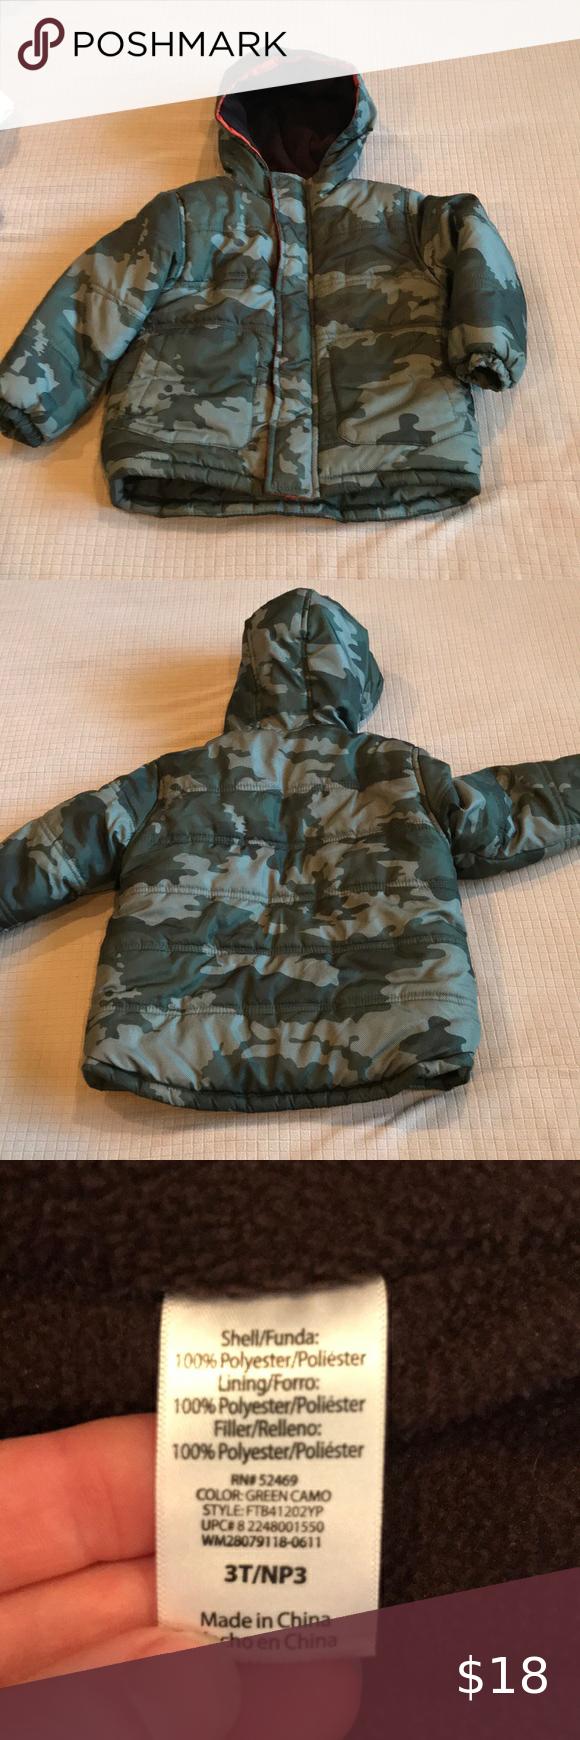 Toddler Puffer Jacket Camo Colors Puffer Puffer Jackets [ 1740 x 580 Pixel ]